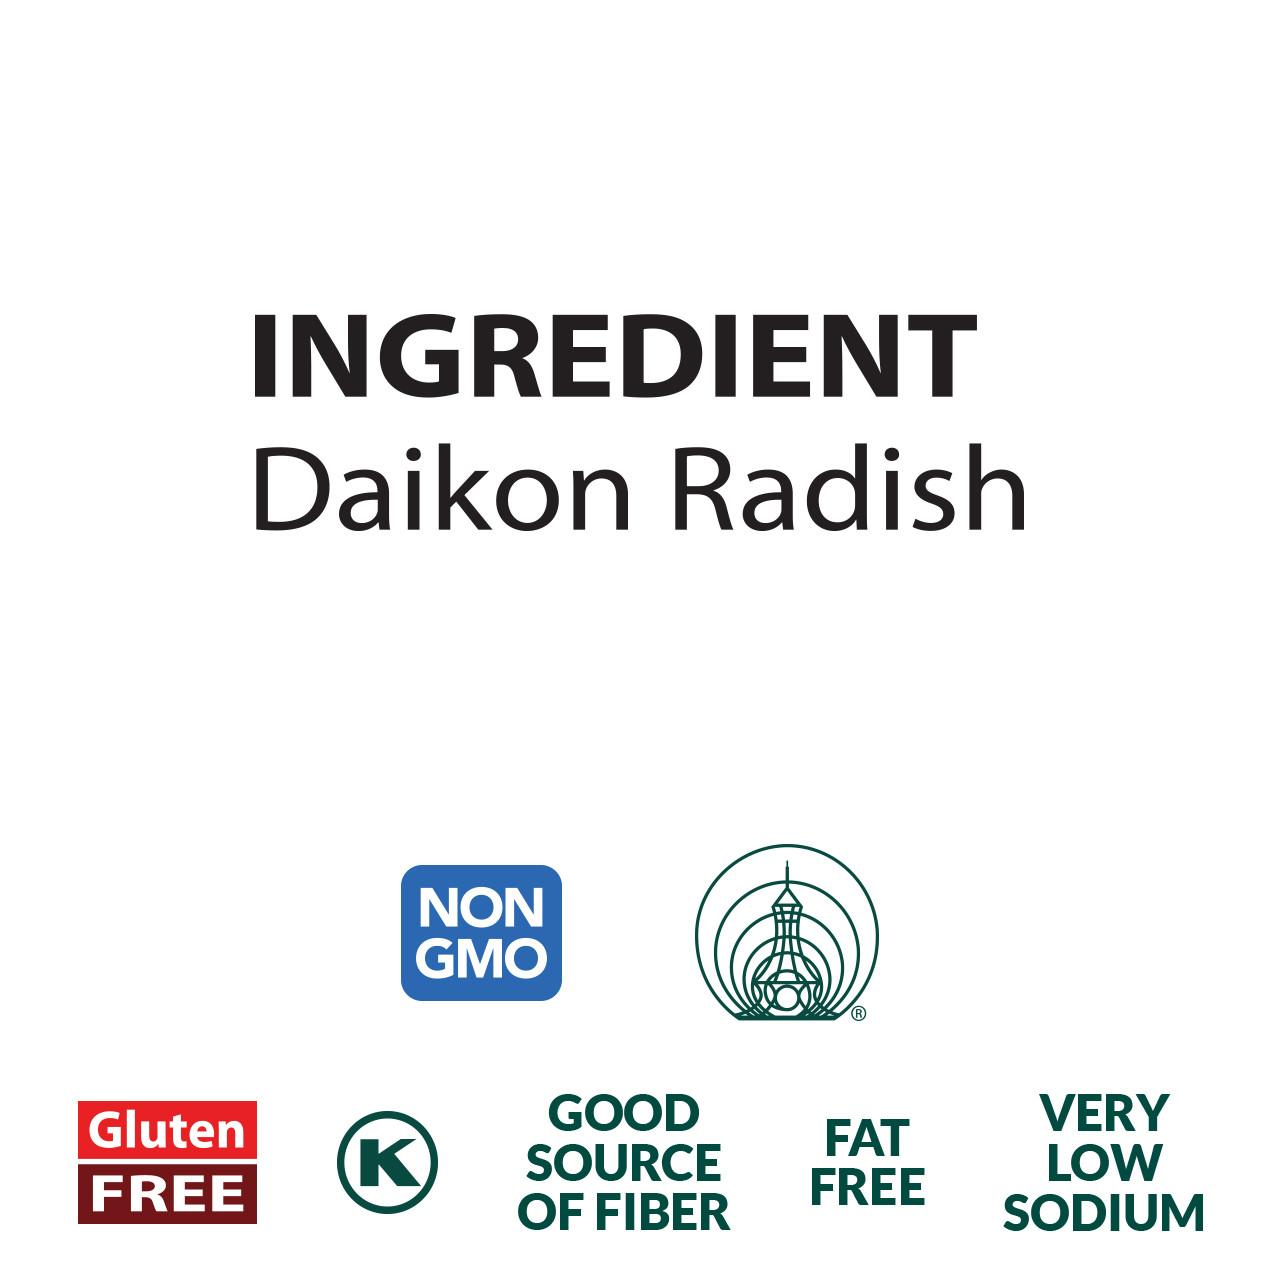 Daikon Radish - Sun Dried and Sliced